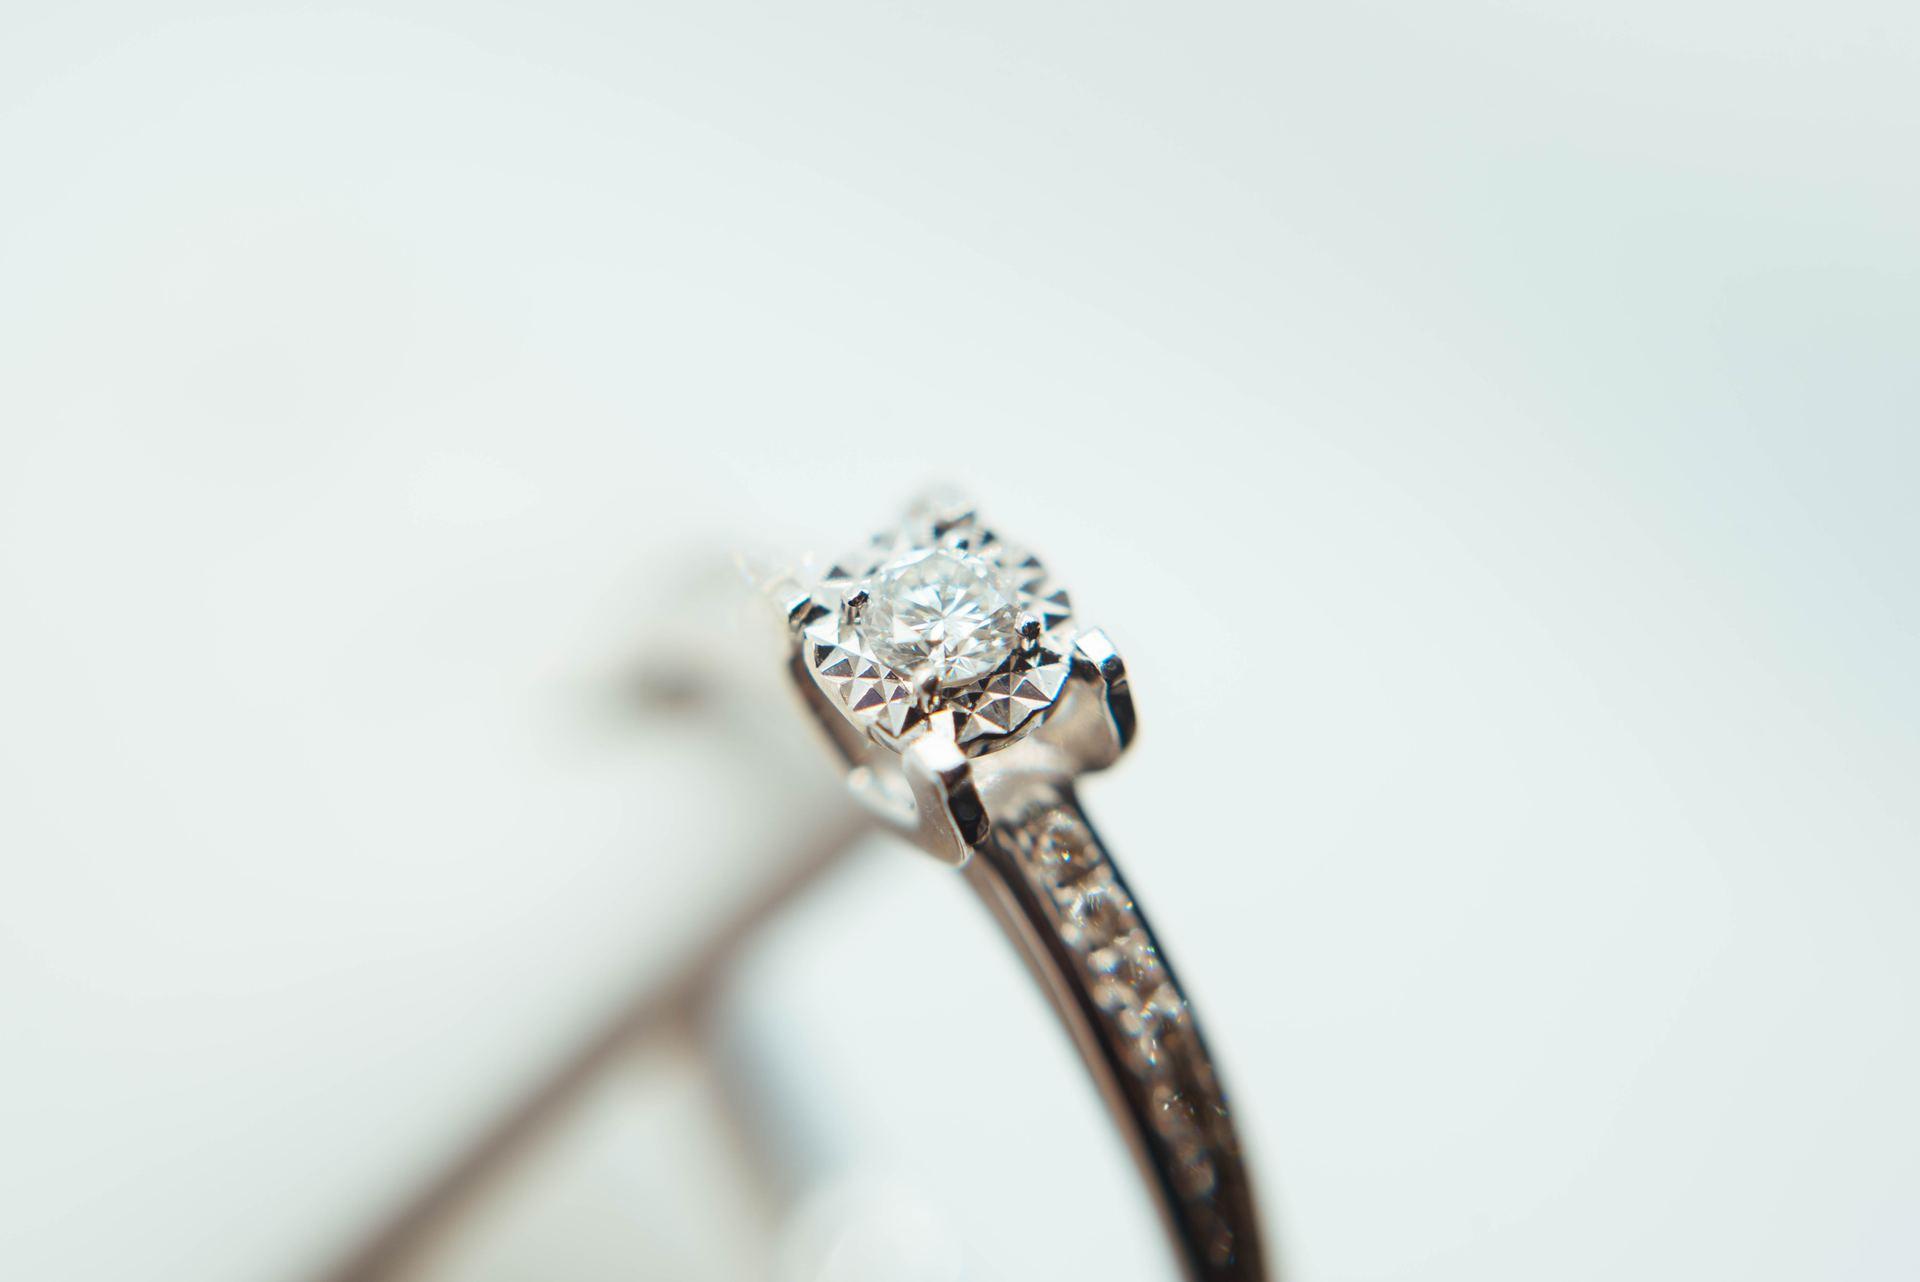 George Jensen laver nogle af de smukkeste smykker!